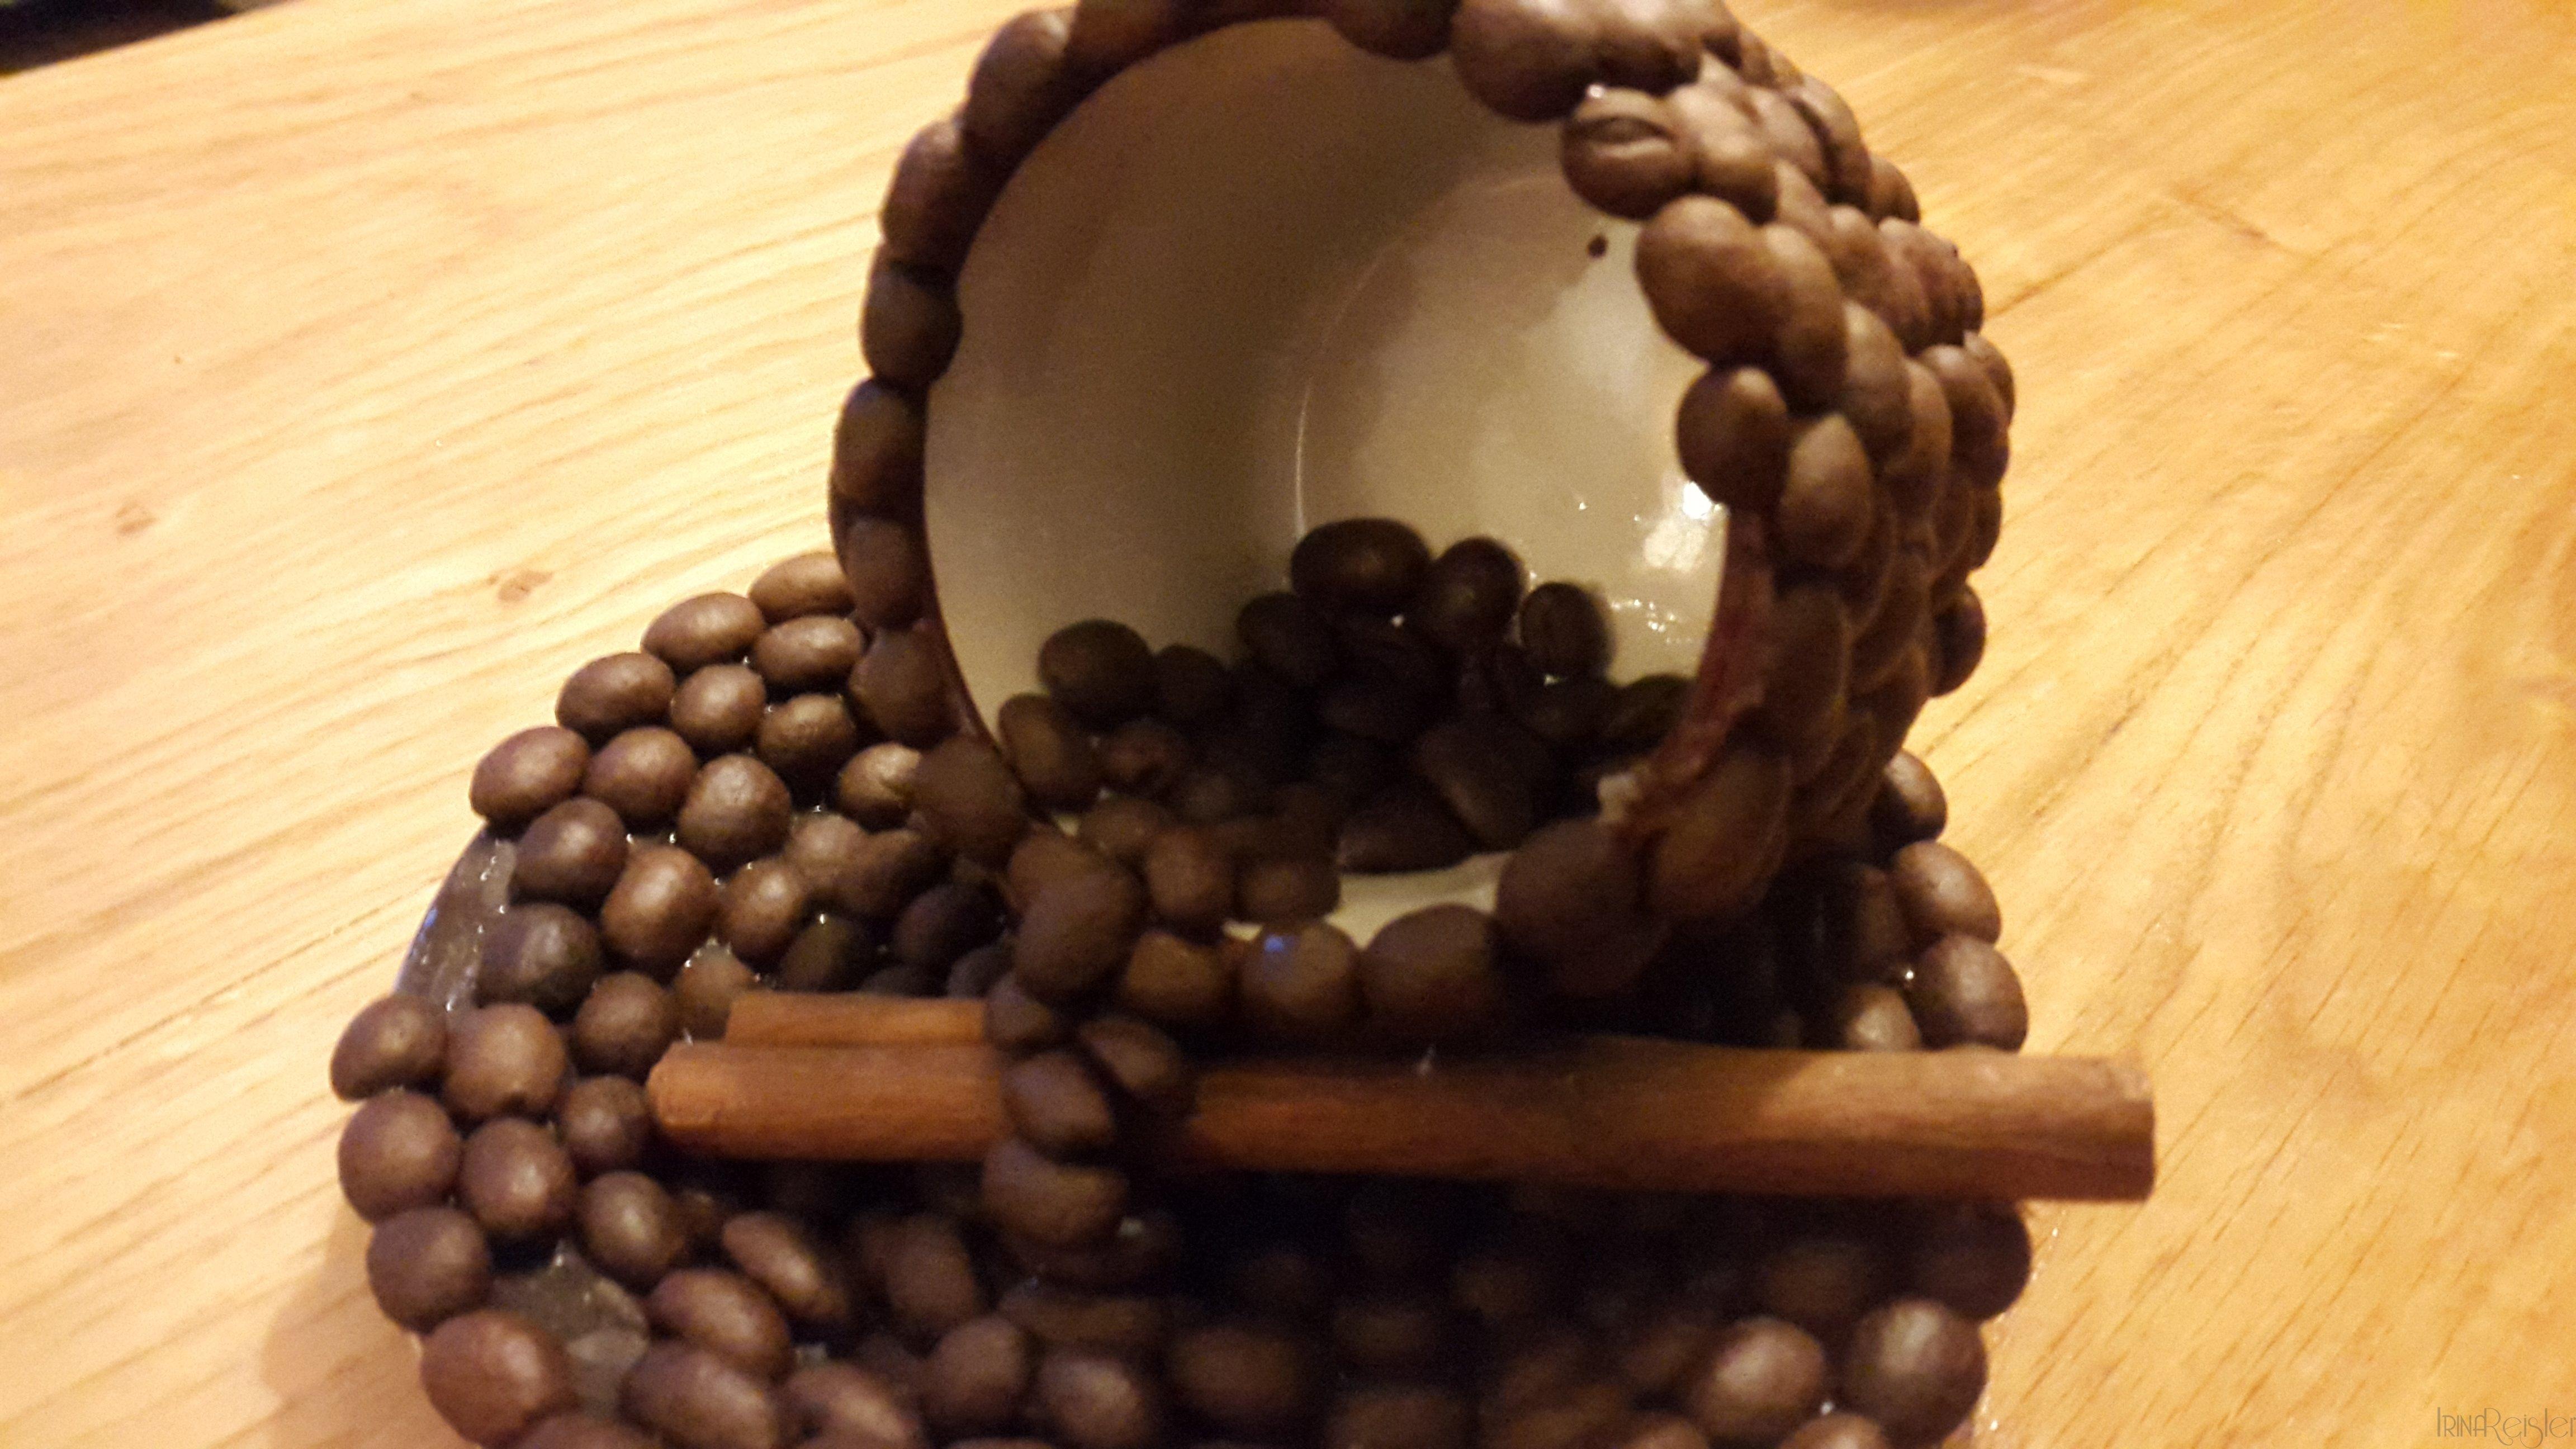 TIPSURI ANTICELULITICE, DINTR-O CANA CU CAFEA